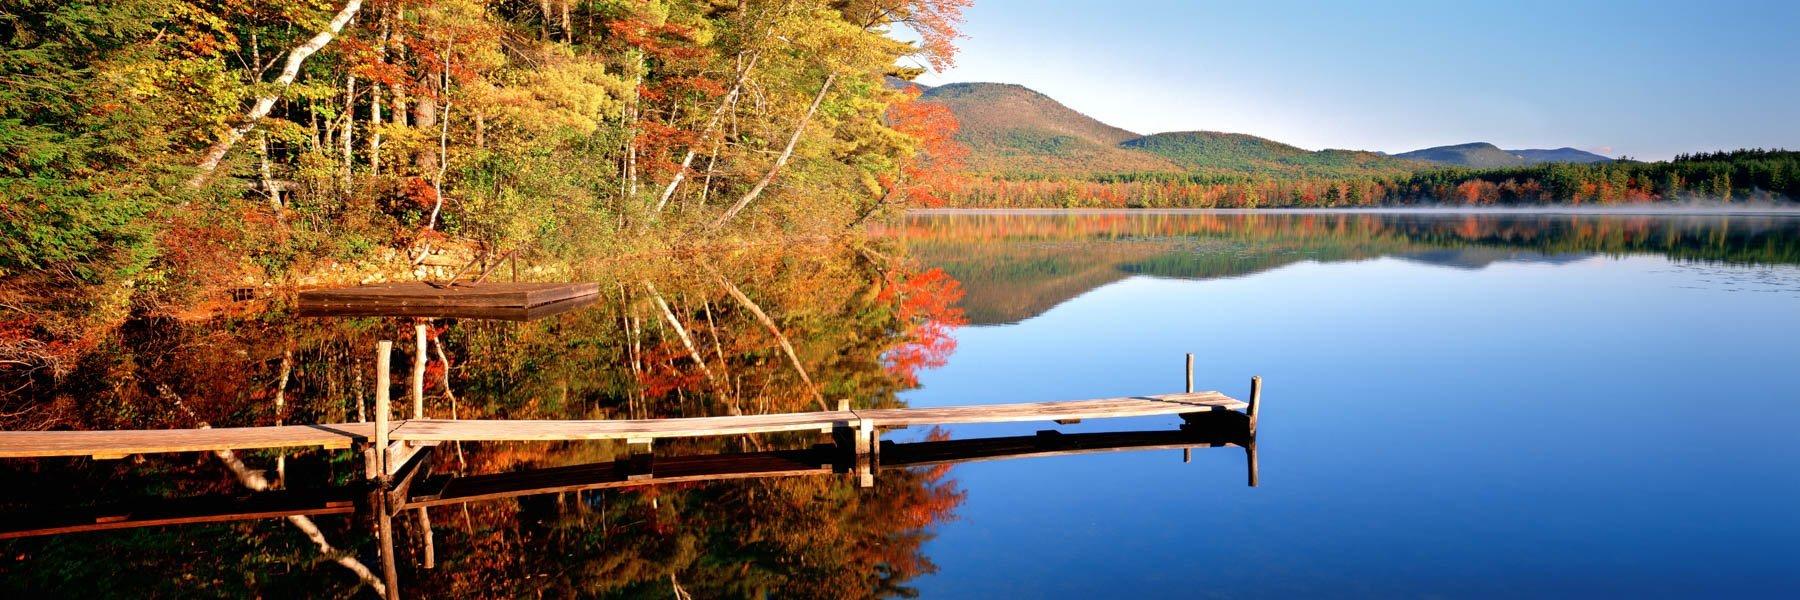 Perfect tranqujillity at Chocorua Lake, New Hampshire, USA.